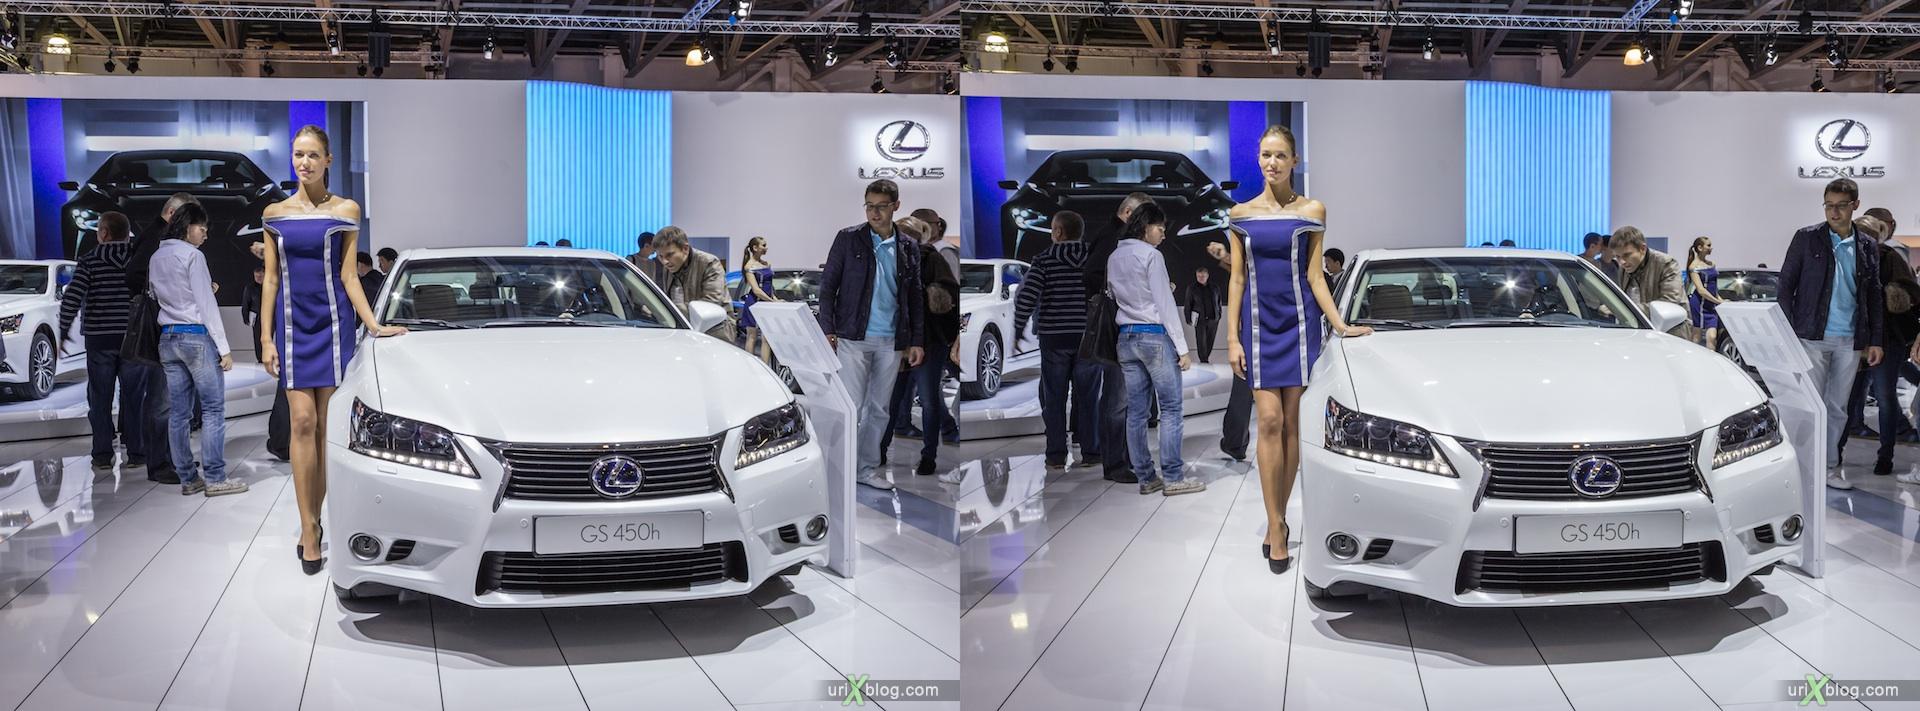 2012, Lexus GS 450h, девушка, модель, girl, model, Московский международный автомобильный салон, ММАС, Крокус Экспо, 3D, стерео, стереопара